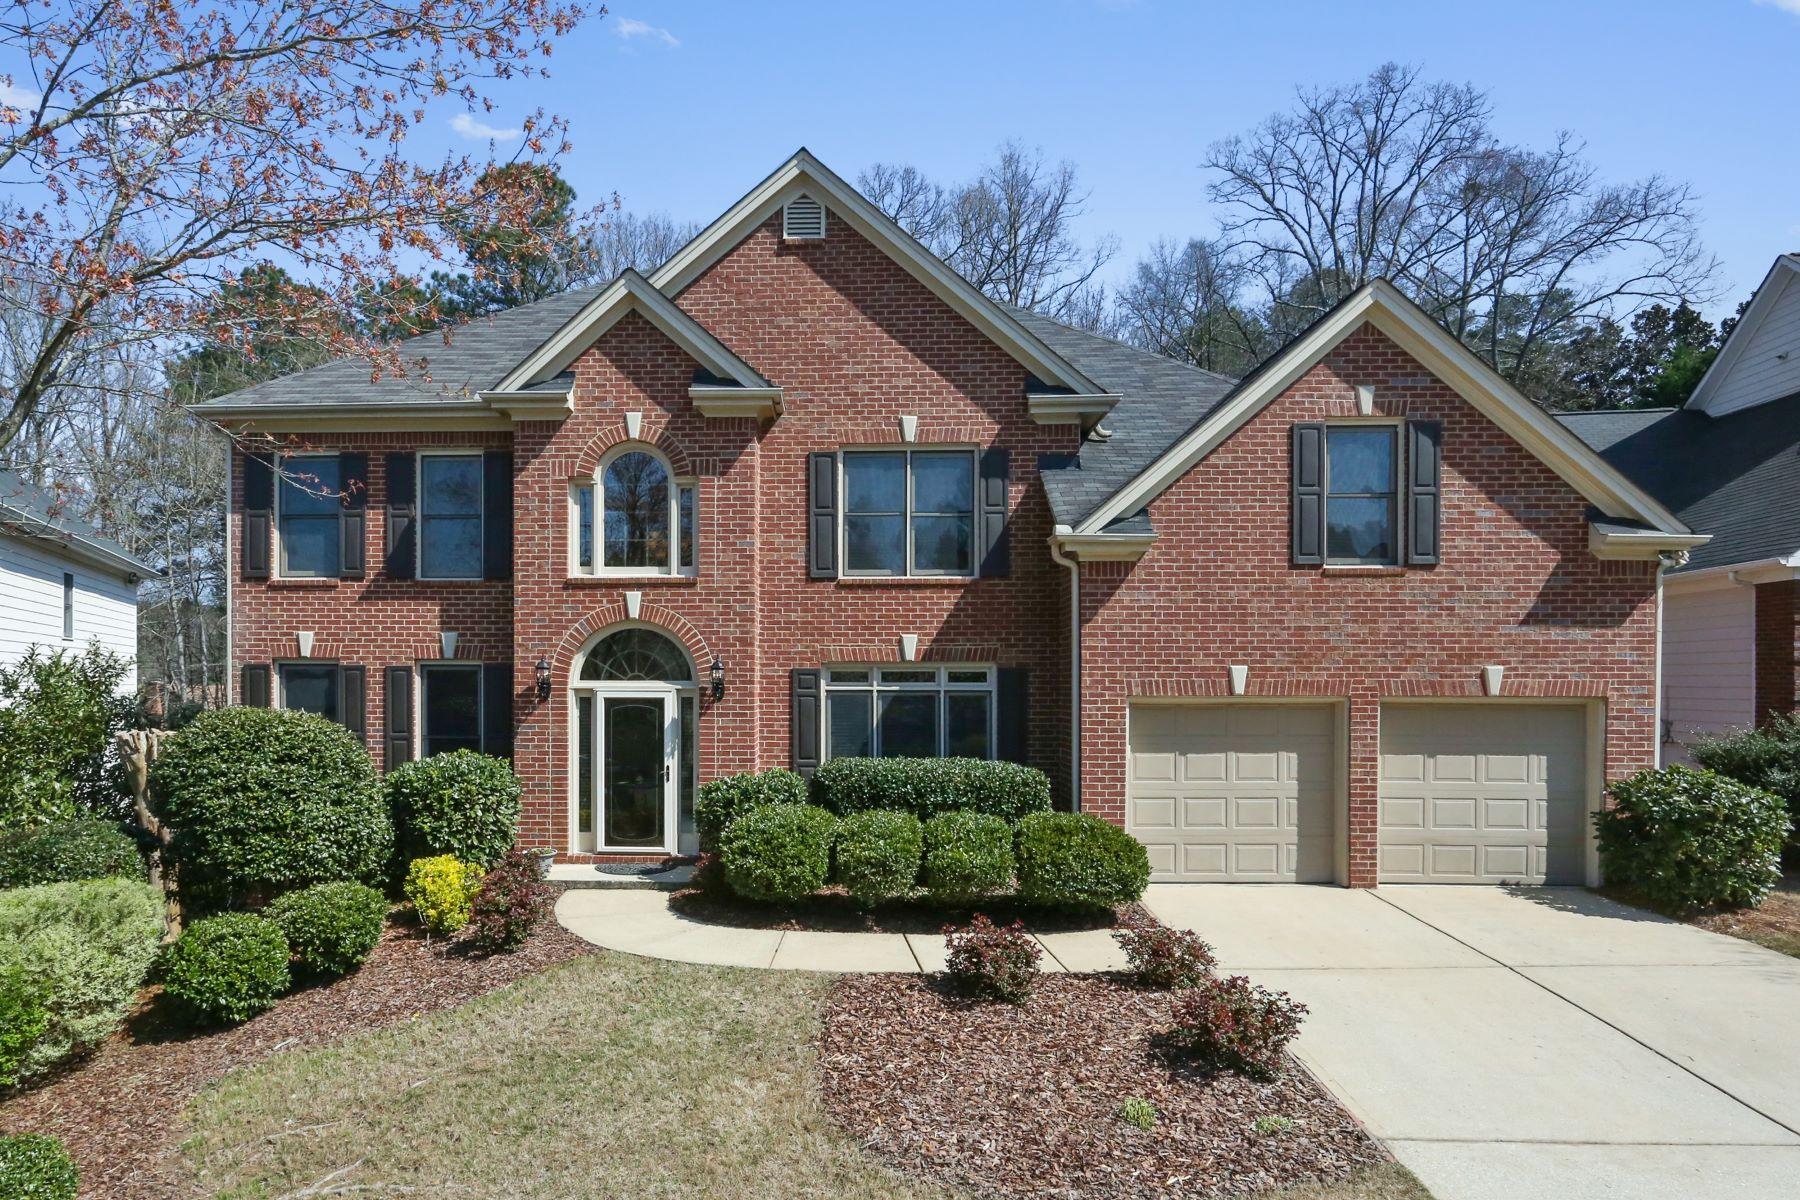 واحد منزل الأسرة للـ Sale في Beautifully Updated Brick Traditional 4249 Millside Walk SE, Smyrna, Georgia, 30080 United States